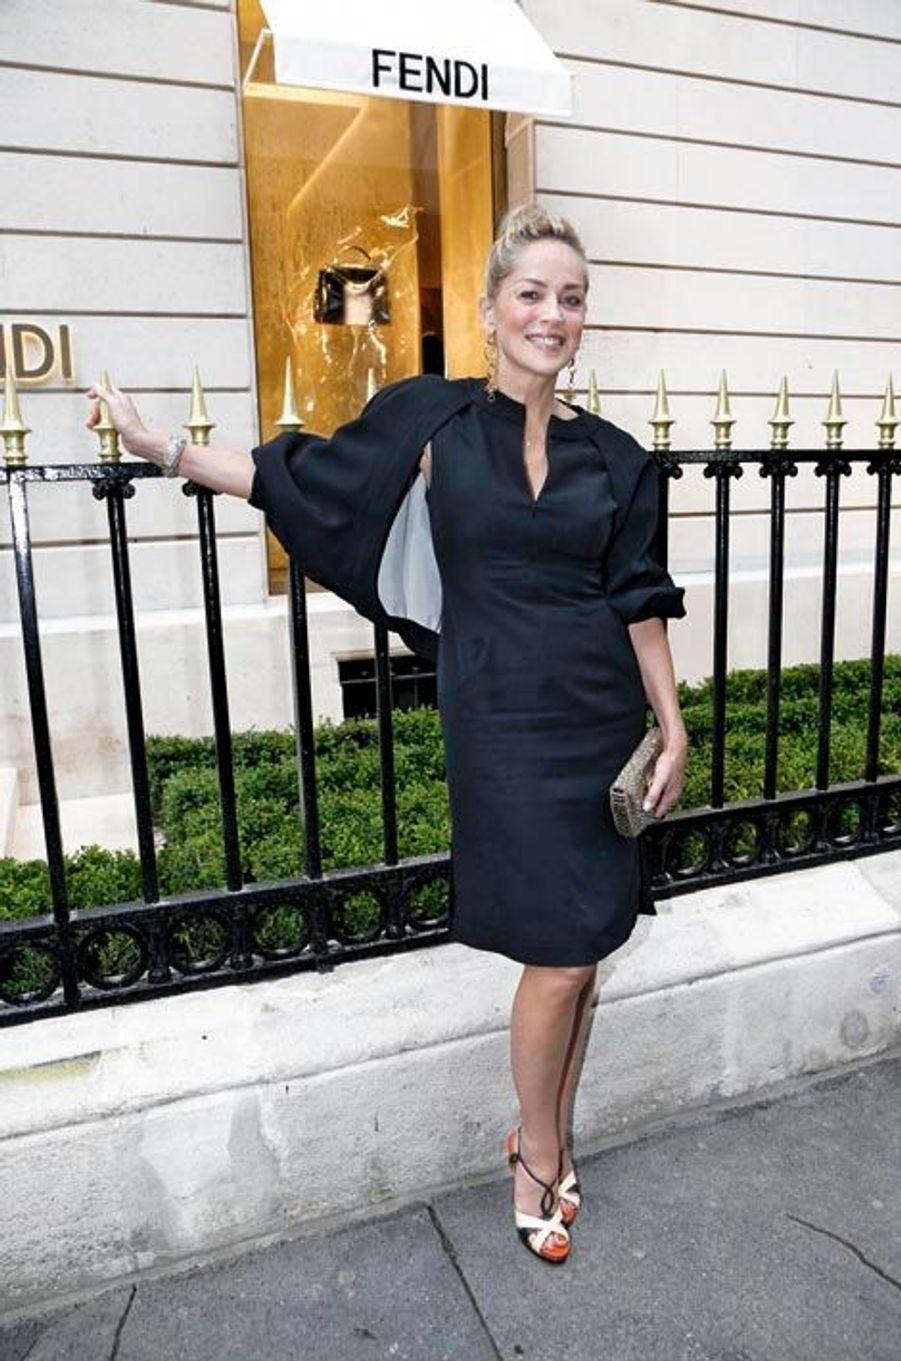 « C'était mon rêve d'être un jour sur cette prestigieuse avenue », confiait Silvia Venturini Fendi en entrant dans les 600 mètres carrés du luxueux flagship, véritable écrin pour la haute fourrure la plus glam et la plus désinvolte du monde et pour des it bags planétaires. Après le cocktail où défilèrent stars – Sharon Stone venue par amitié –, actrices, top models et socialites, ces « beautiful people » allèrent « vernir » l'exposition des photos de Karl Lagerfeld intitulée « The Glory of Water », superbes images de fontaines romaines. Un court-métrage, réalisé en 1977 par Karl et son ami Jacques de Bascher, enchanta les invités par son insolence et sa modernité. Un dîner suivit, servi dans les jardins du Petit Palais, auquel assista Bernard Arnault en famille. L'inauguration de la boutique Fendi à Paris en vidéo